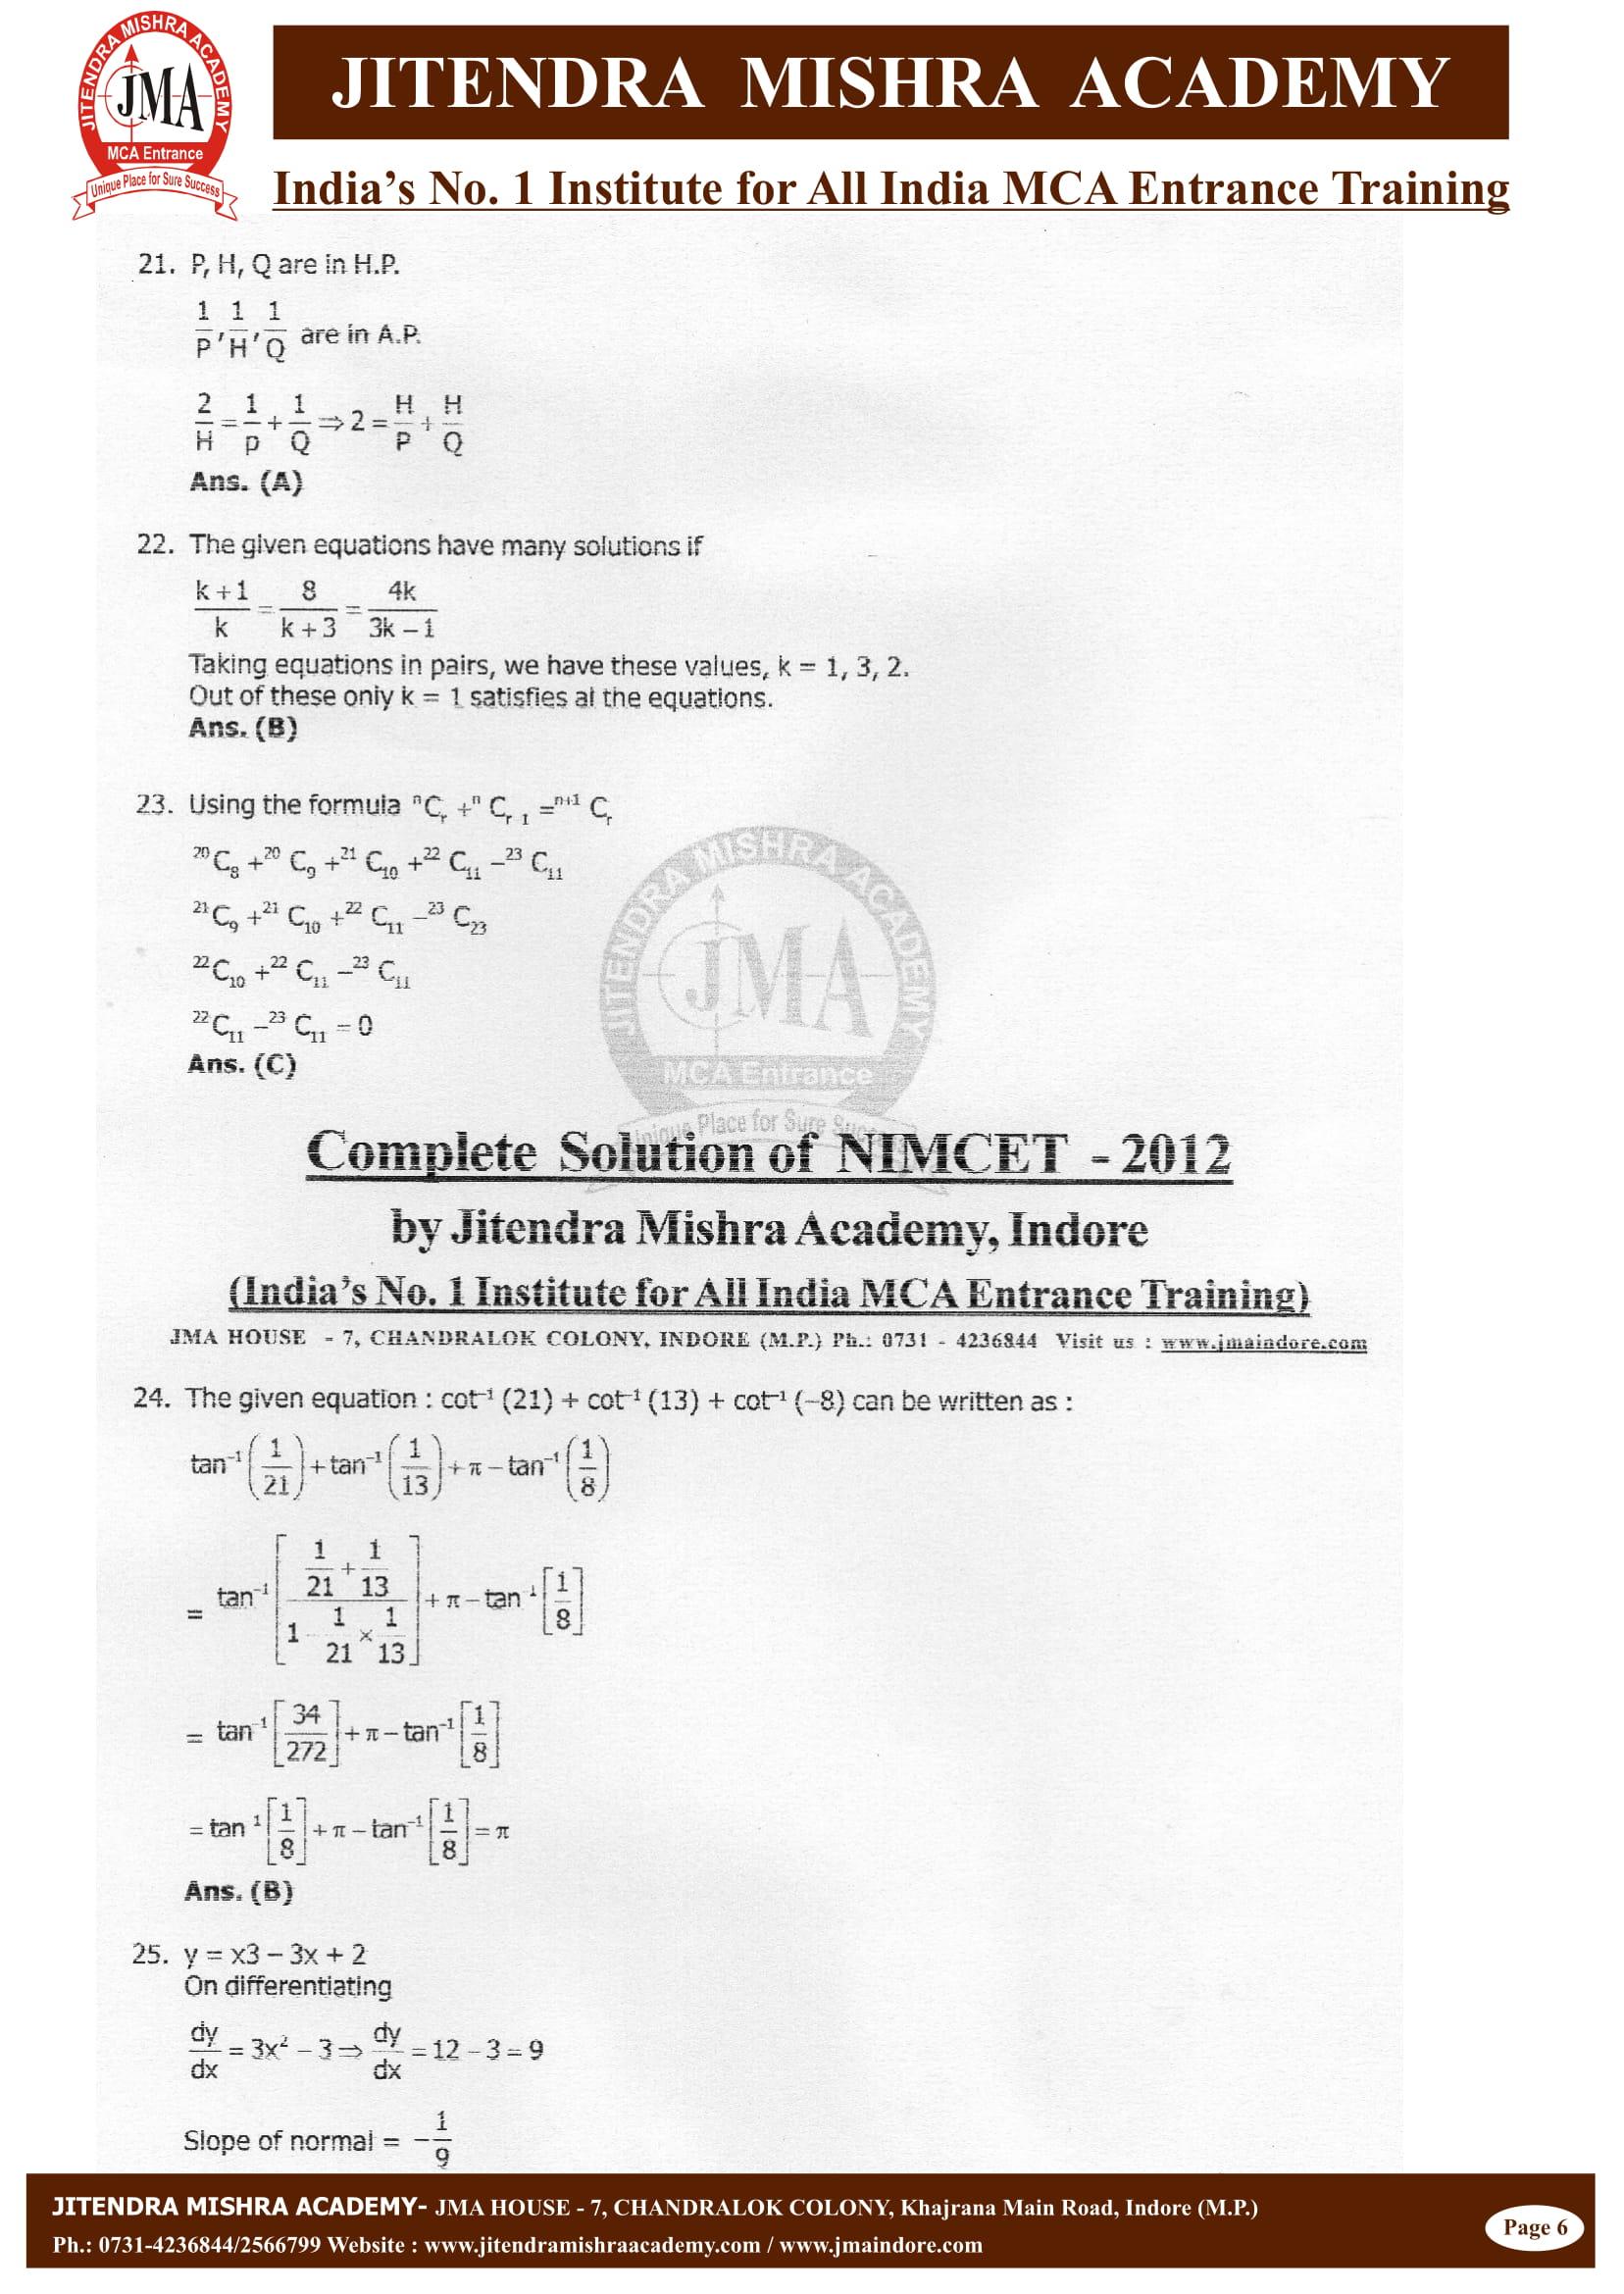 NIMCET - 2012 (SOLUTION)-06